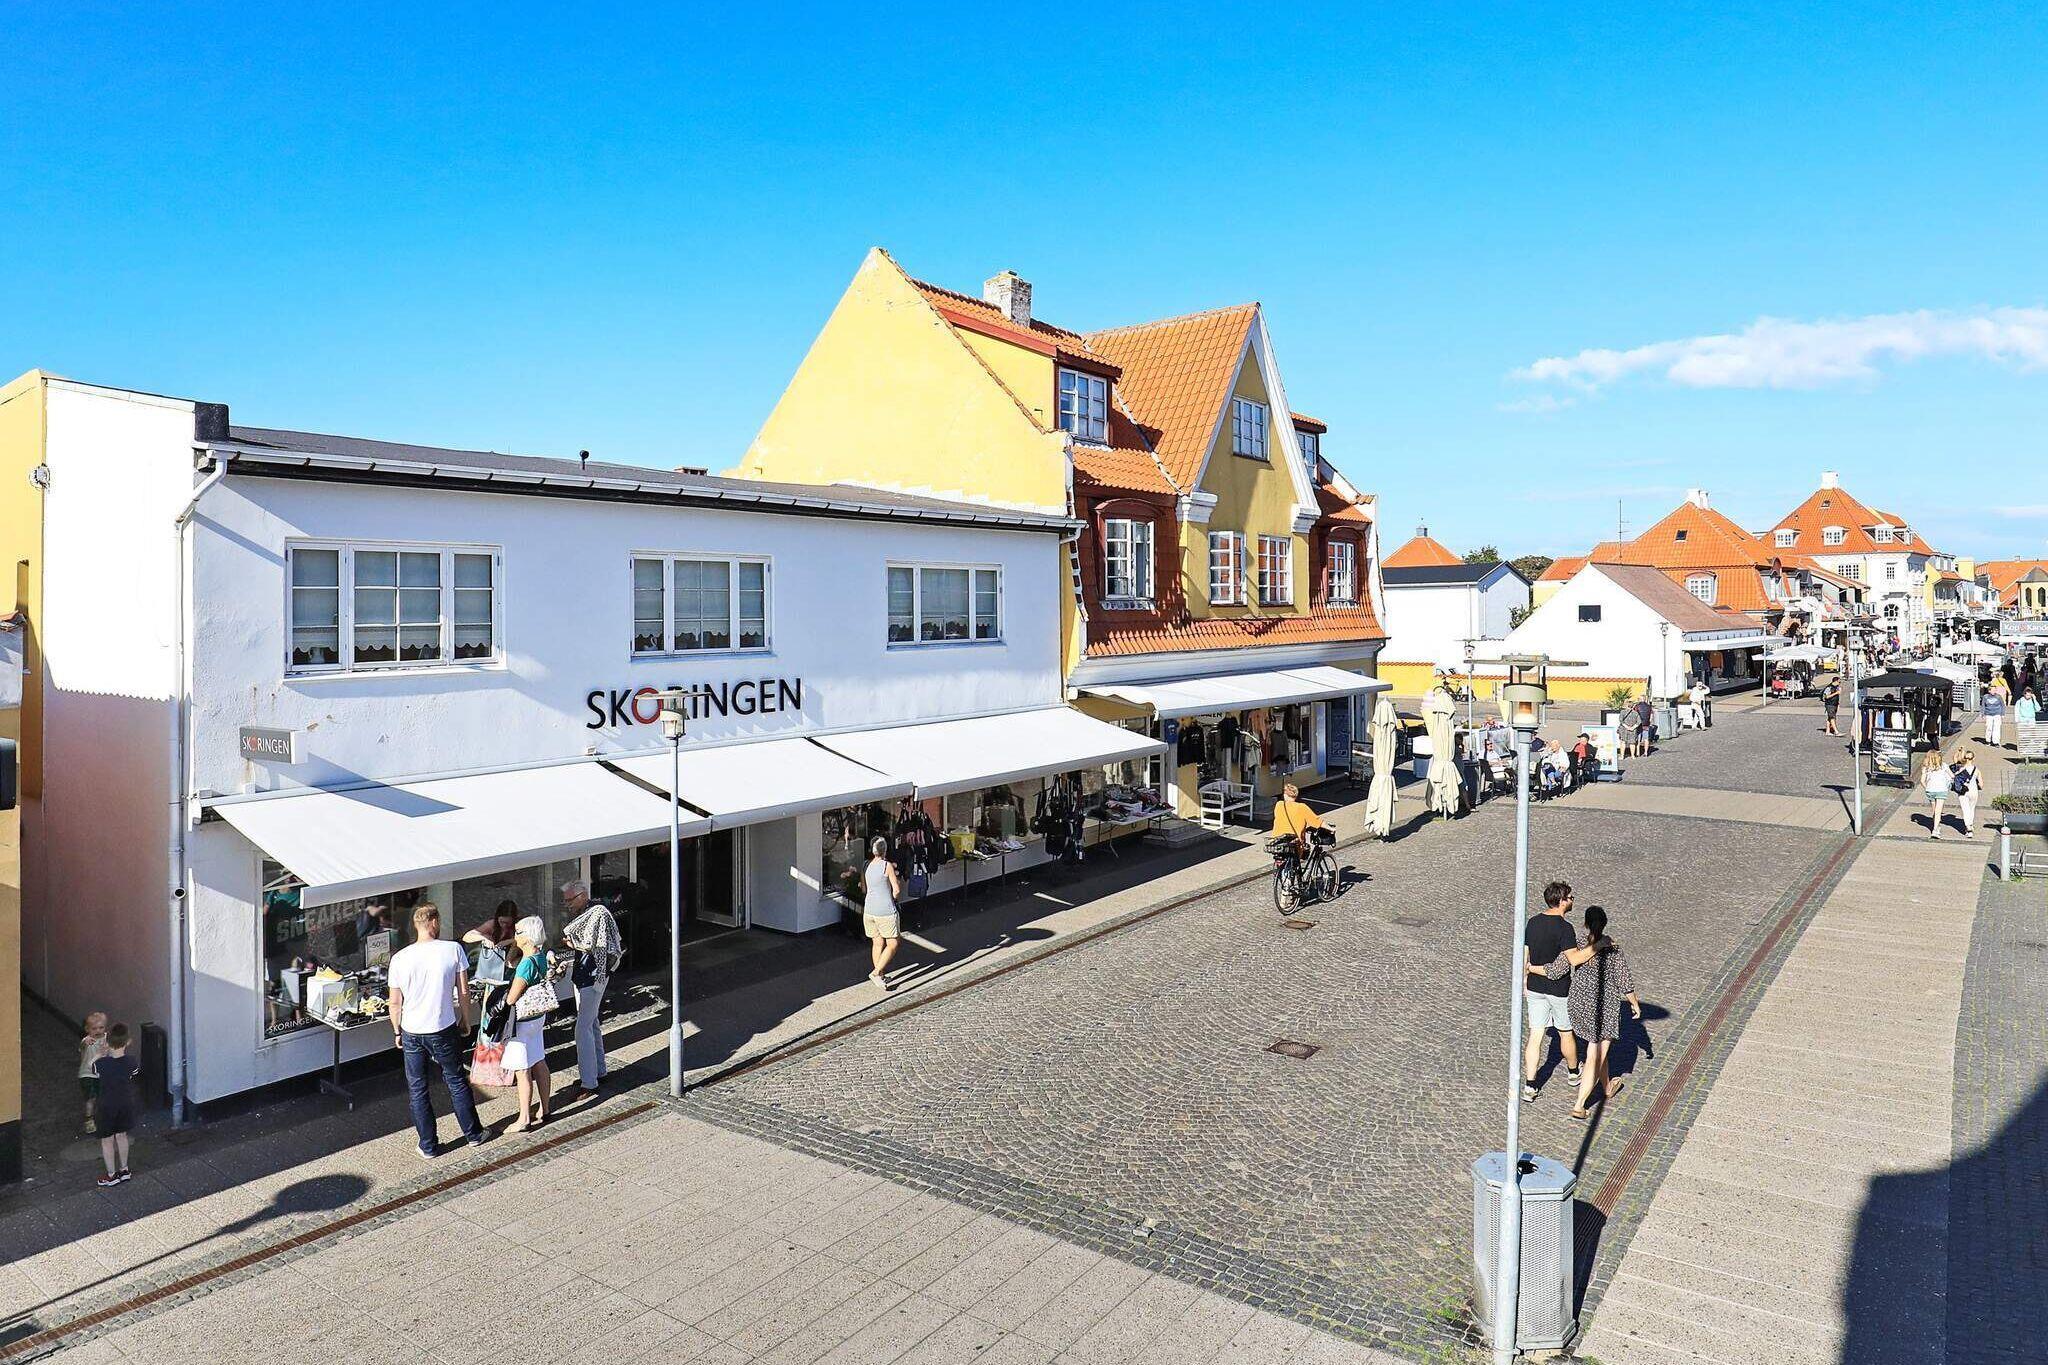 Ferienwohnung in Skagen für 4 Personen